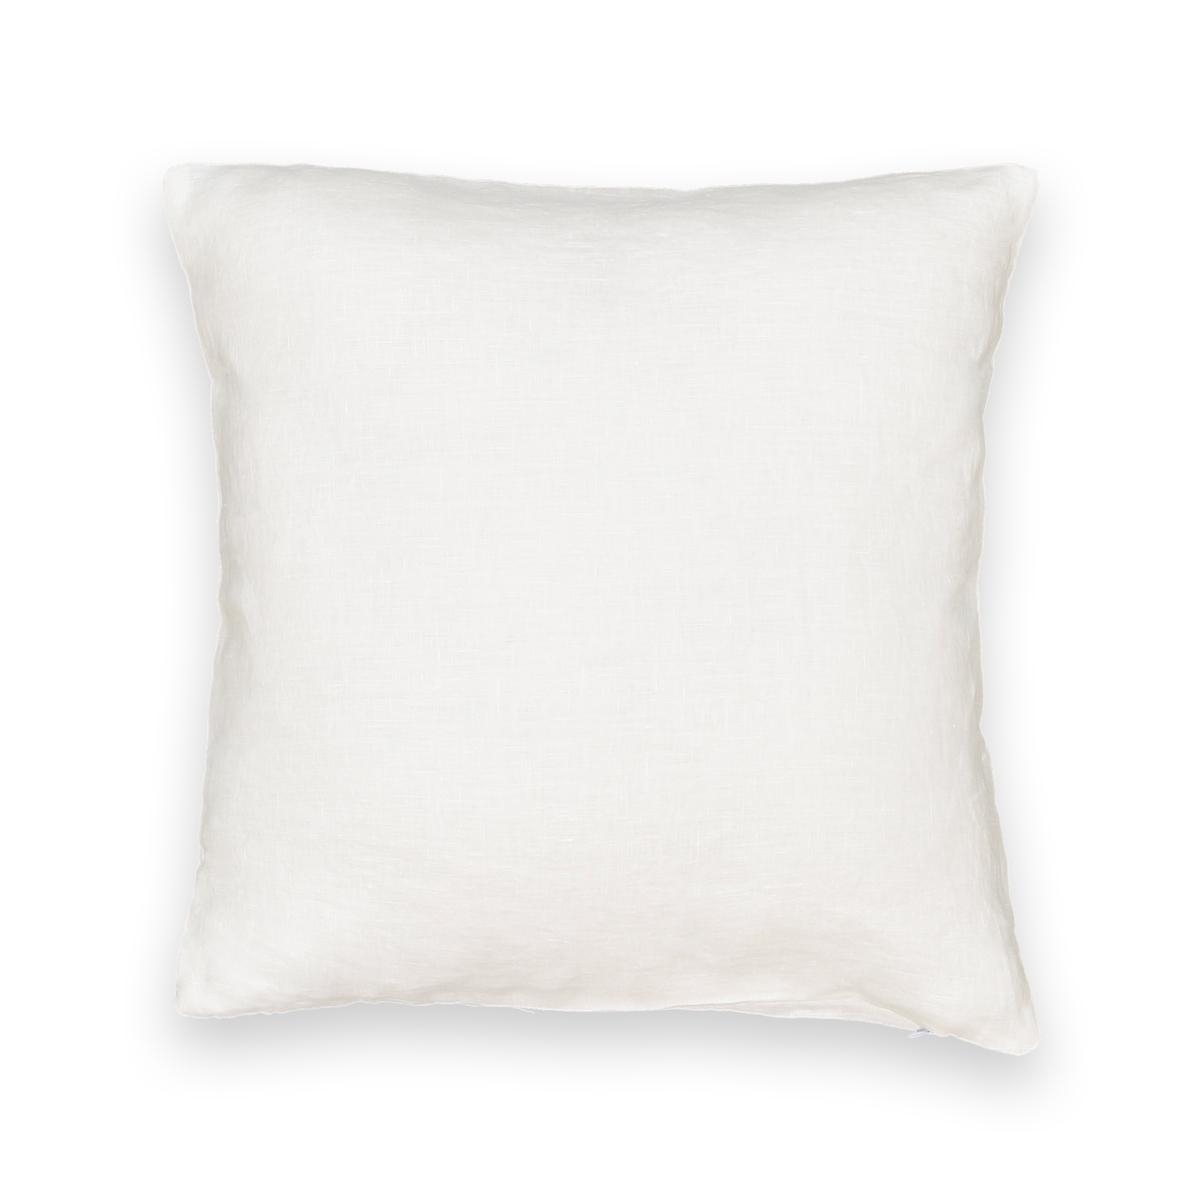 Чехол на подушку-валик из стираного льна, ONEGAХарактеристики чехла на подушку-валик из 100% льна Onega :Качество BEST, требование качества.100% лен.Застежка на молнию.Машинная стирка при 30 °СРазмеры чехла на подушку-валик из 100% льна Onega :40 x 40 см.Найдите подушку Terra на сайте laredoute .ruЗнак Oeko-Tex® гарантирует, что товары прошли проверку и были изготовлены без применения вредных для здоровья человека веществ.<br><br>Цвет: антрацит,белый,бледный сине-зеленый,зеленый,прусский синий,розовая пудра,серо-бежевый,терракота